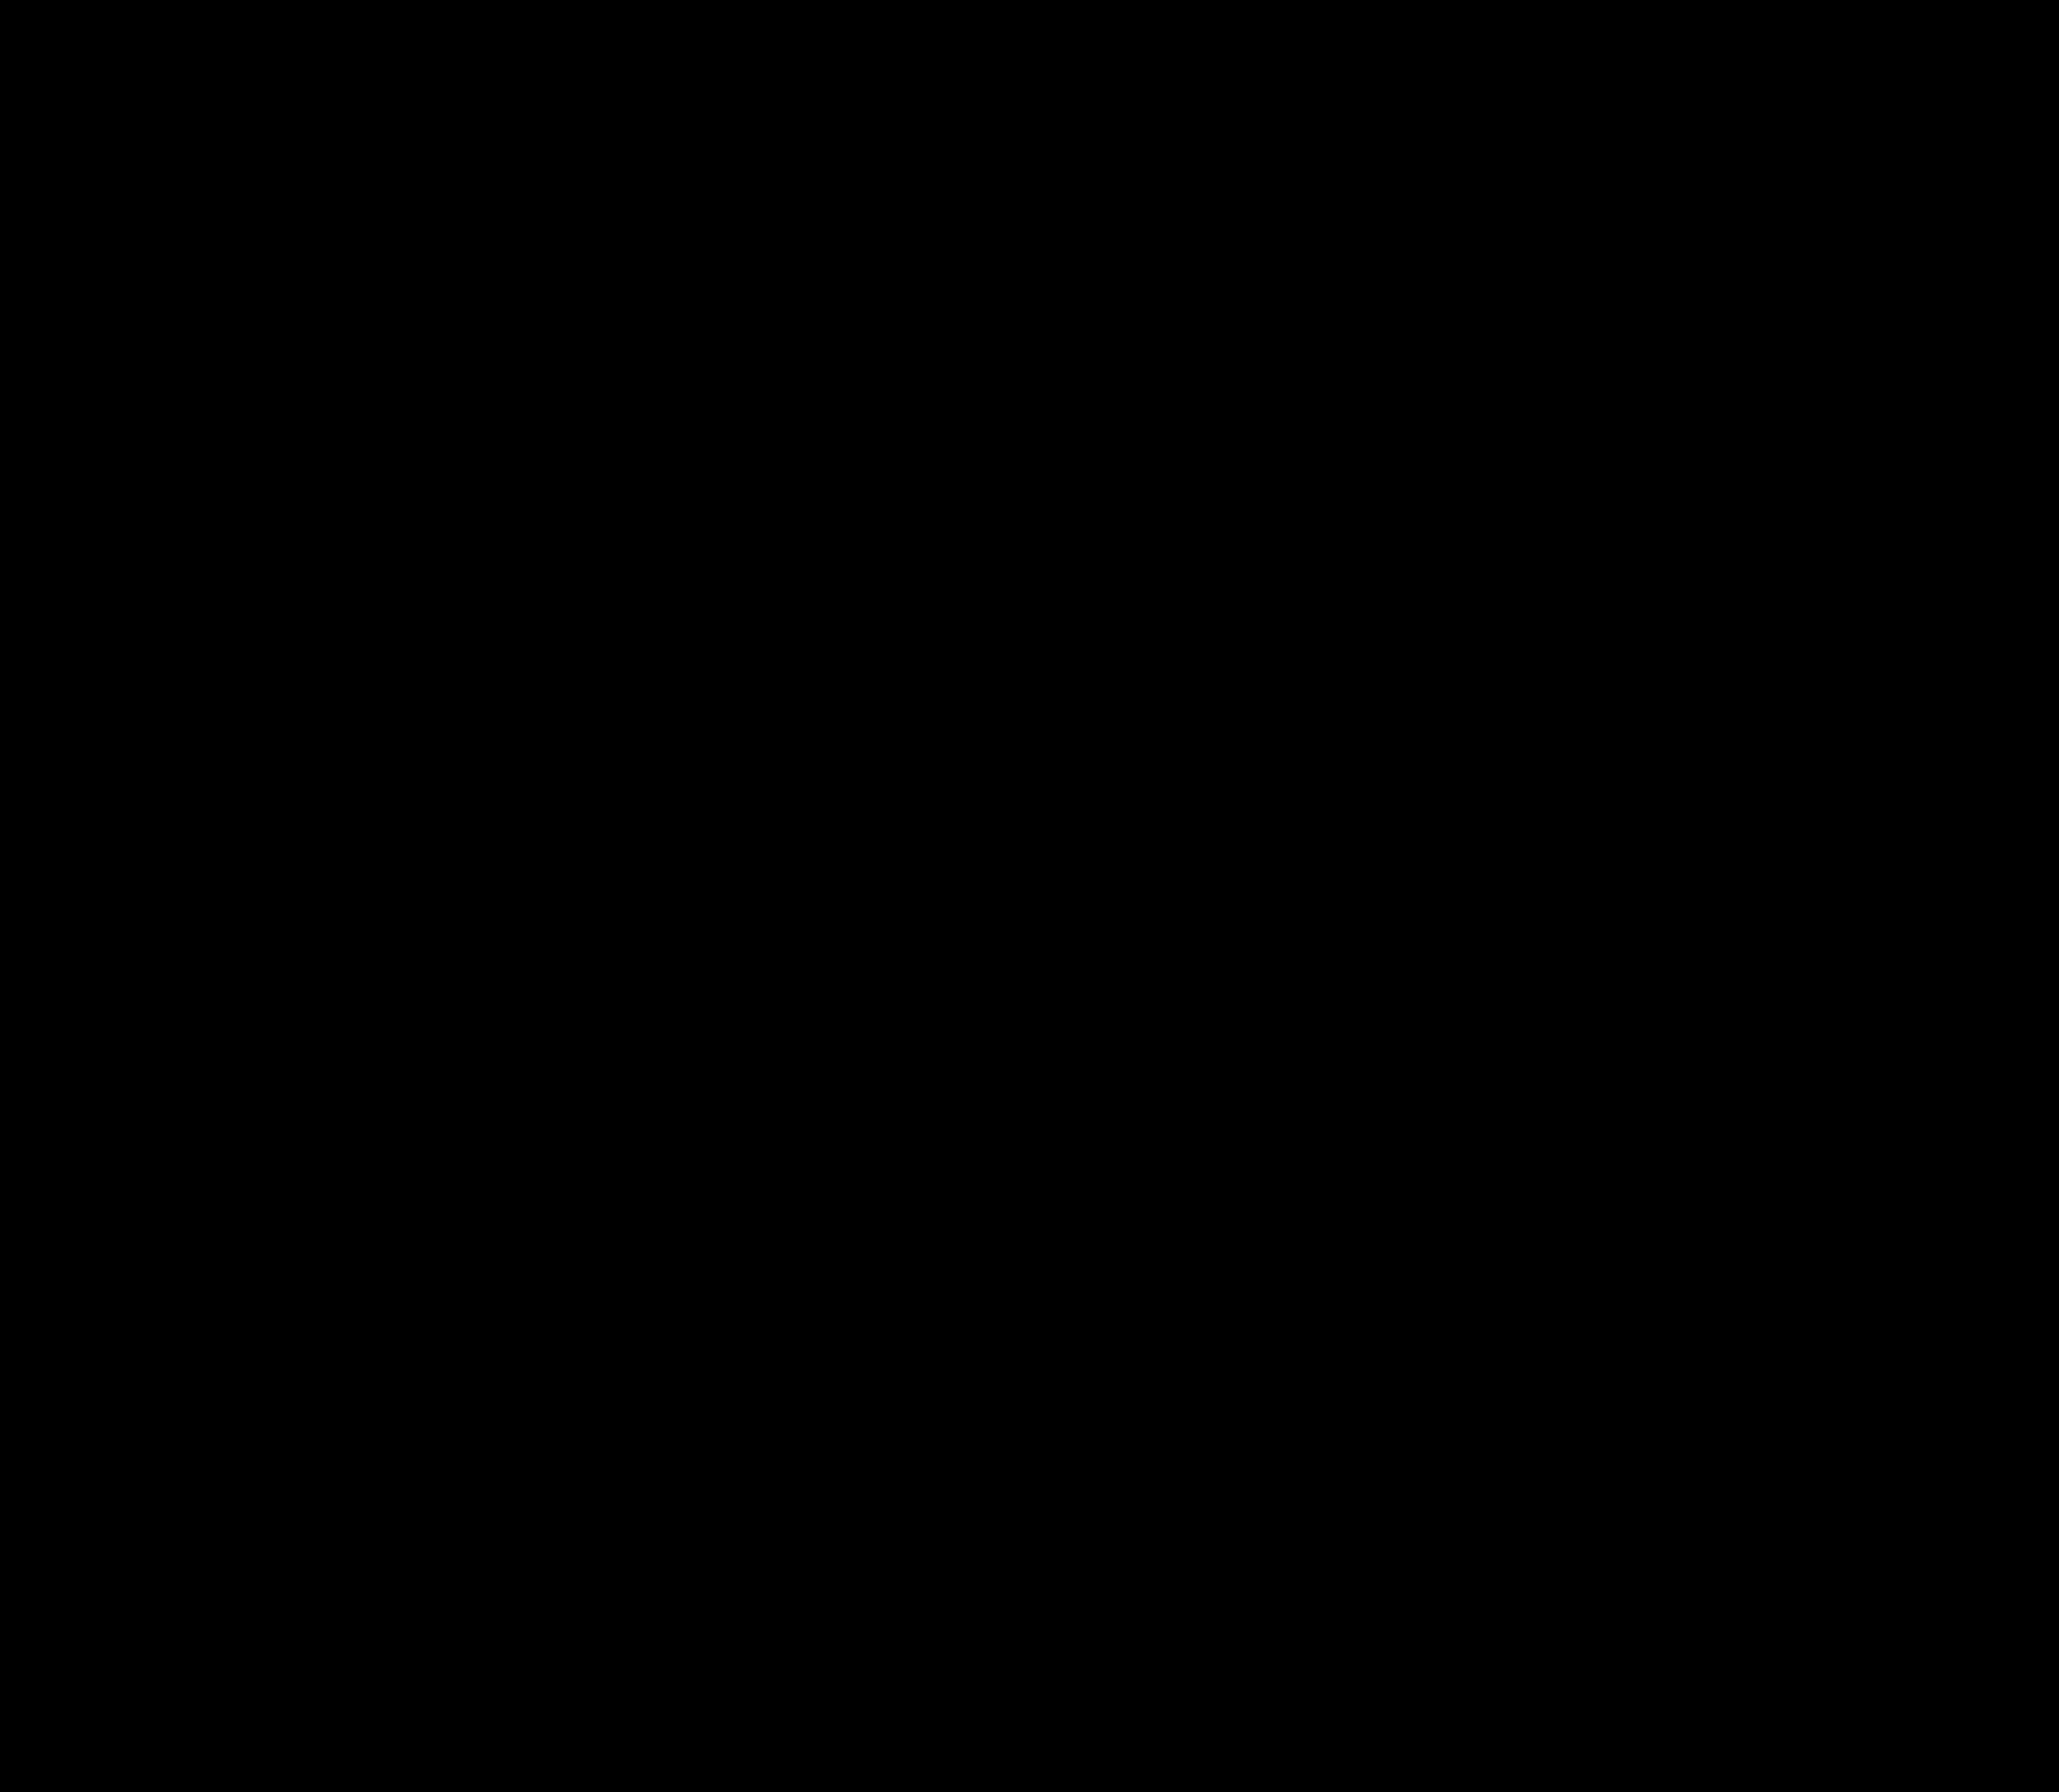 картинка миньон для выжигания левую